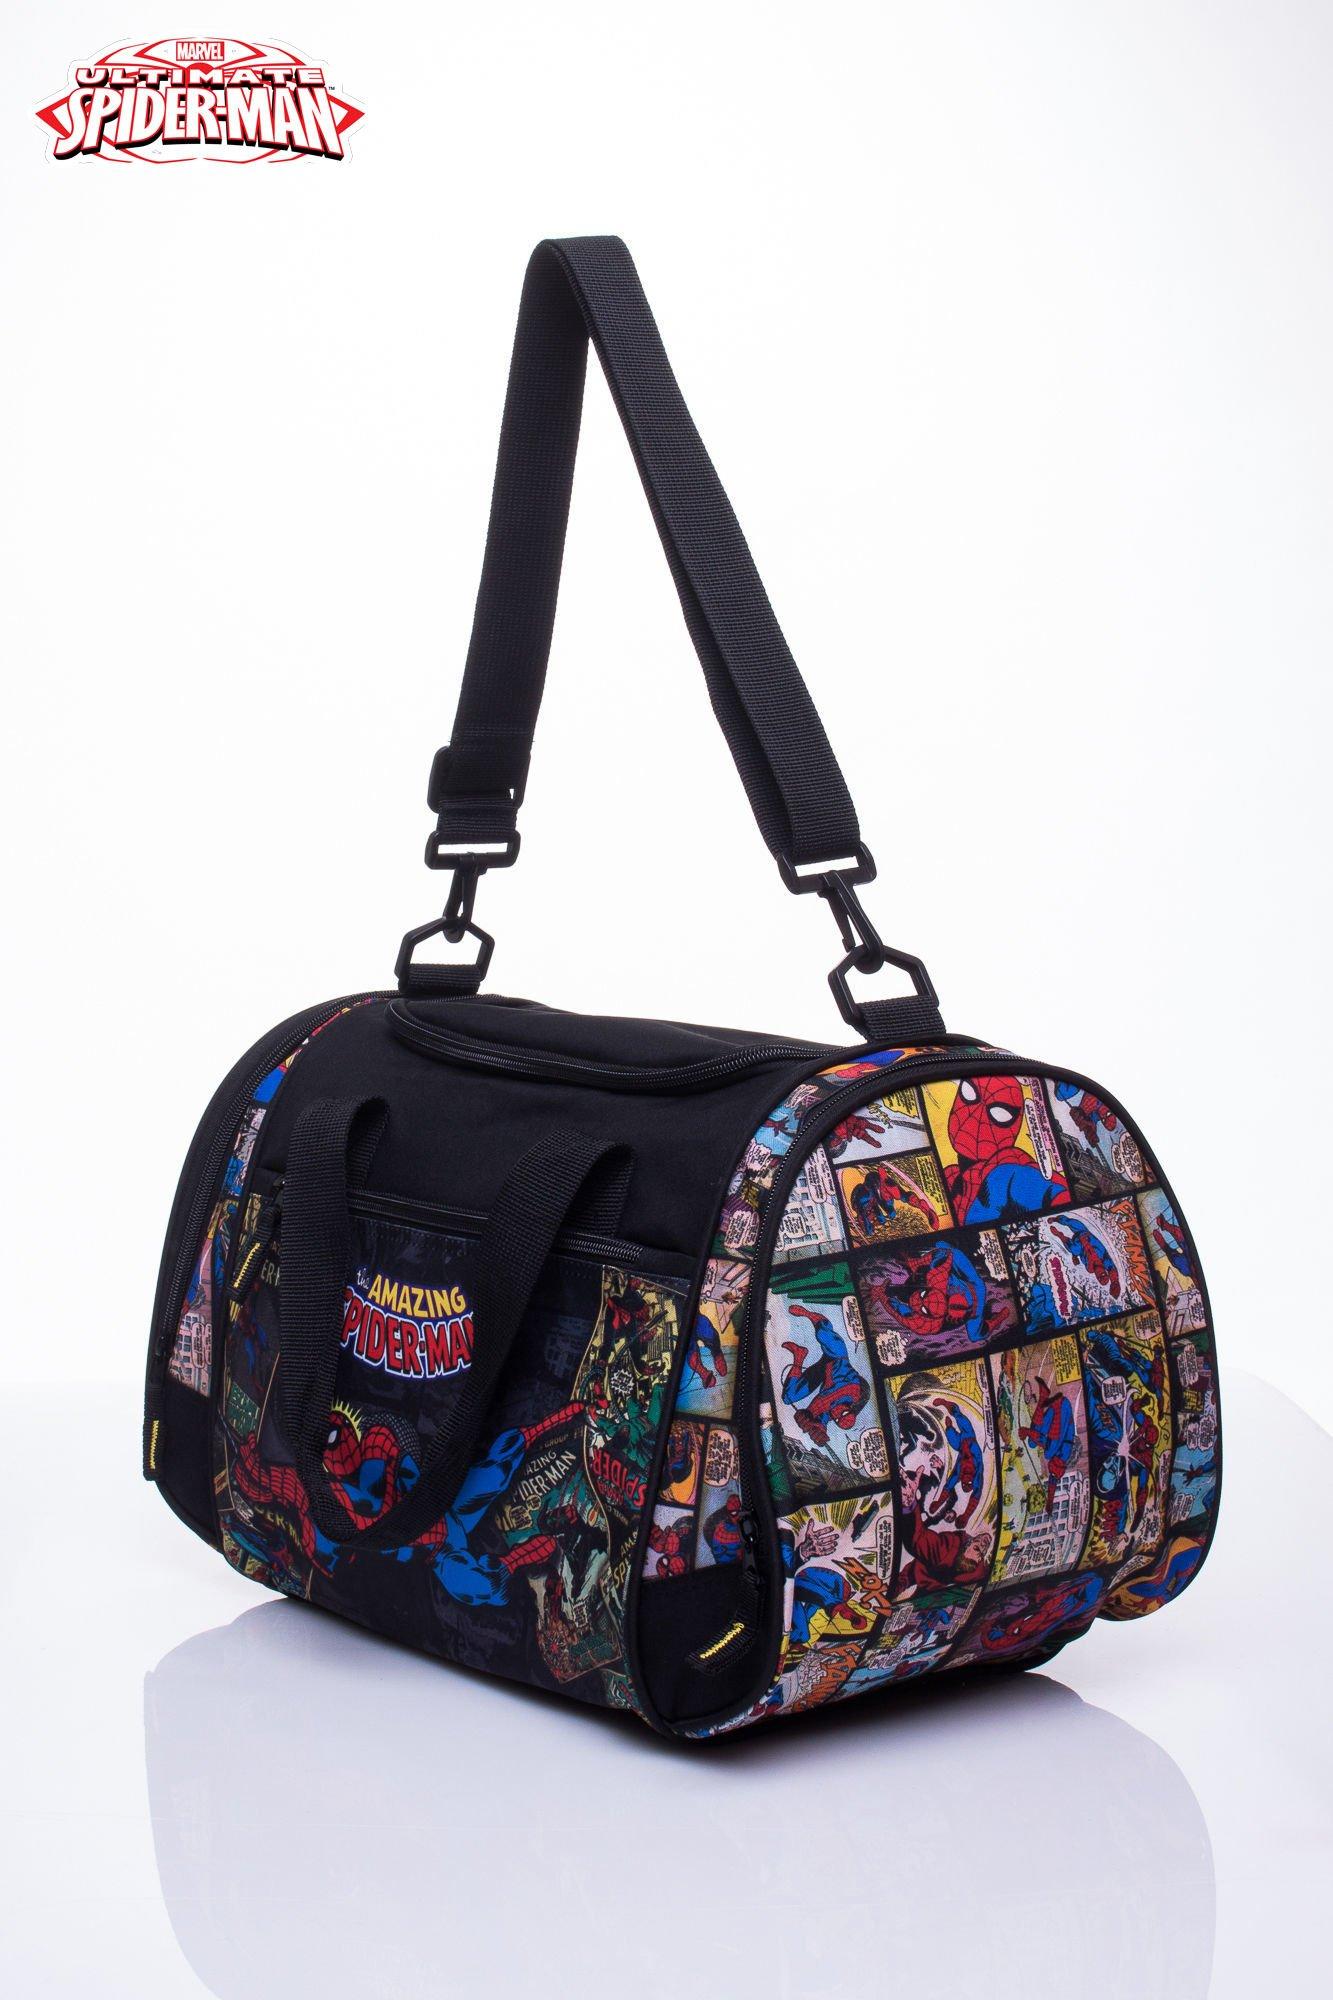 Czarna torba sportowa MARVEL SpiderMan                                  zdj.                                  2